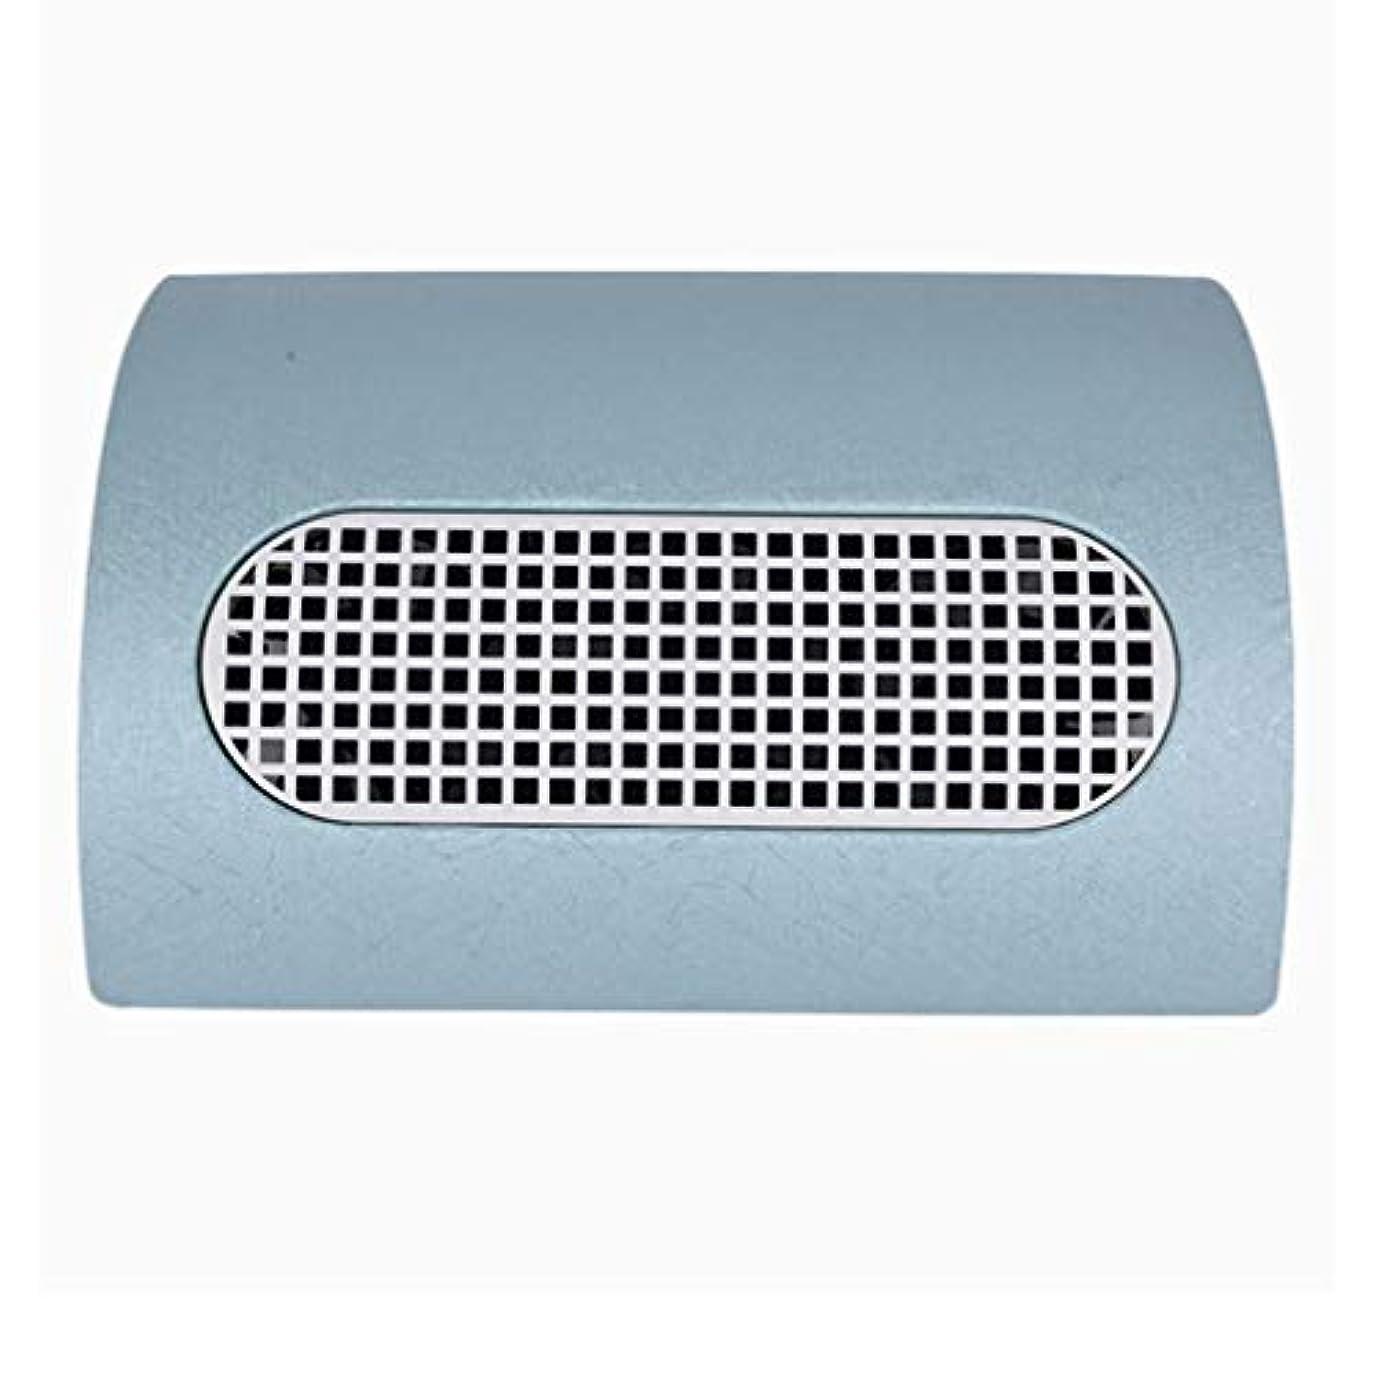 コンプリートエレクトロニックの中で3つのファン釘の塵のコレクターのマニキュア機械 15W 2 つのレベルの速度を調節する釘の集じん器の釘の塵2の塵袋,ブルー